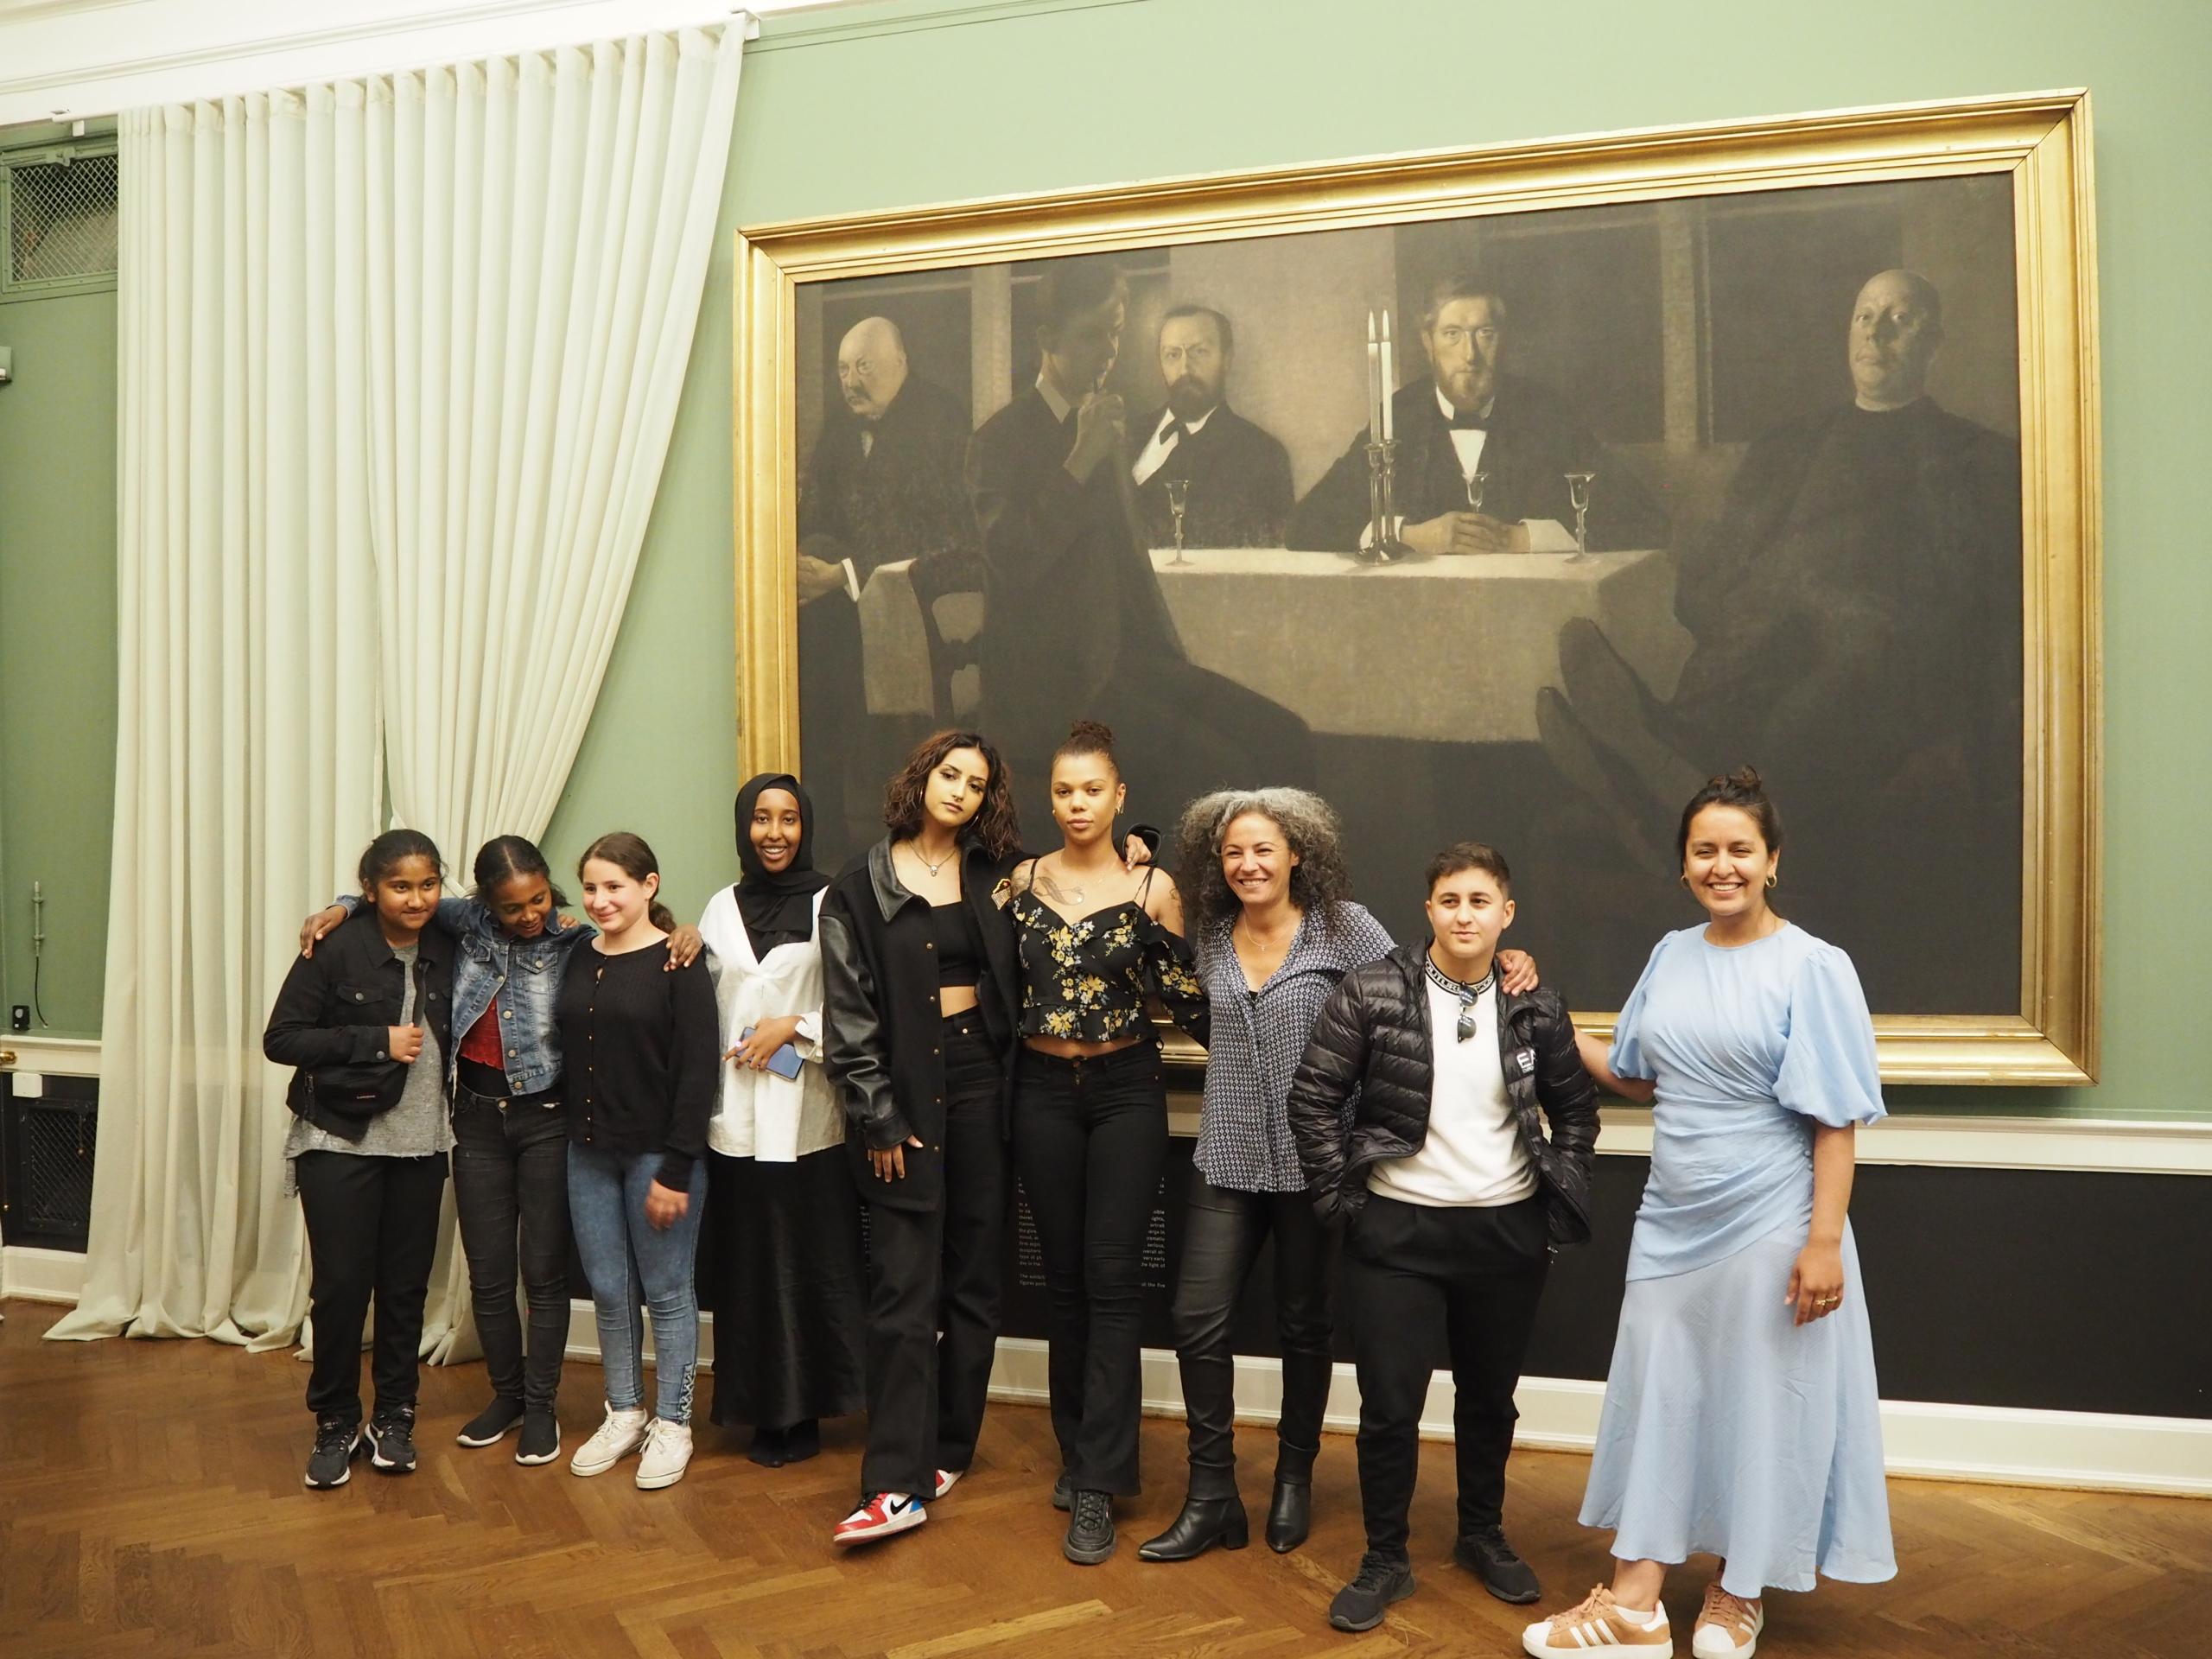 kvindelige pionerer, den hirschsprungske samling